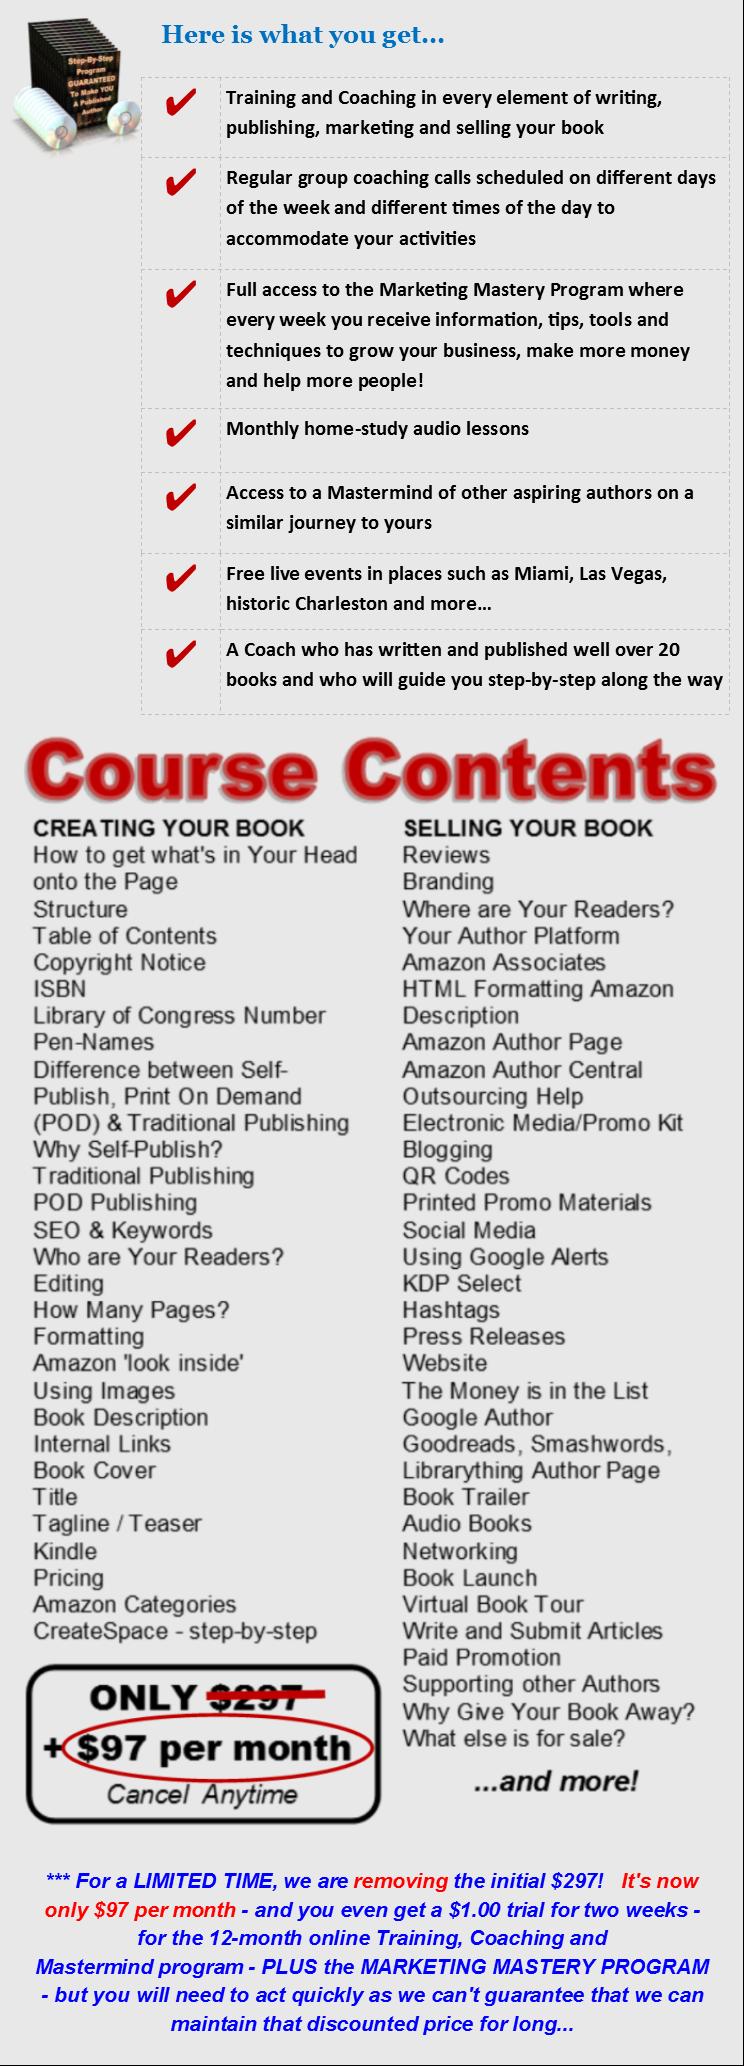 course-contents